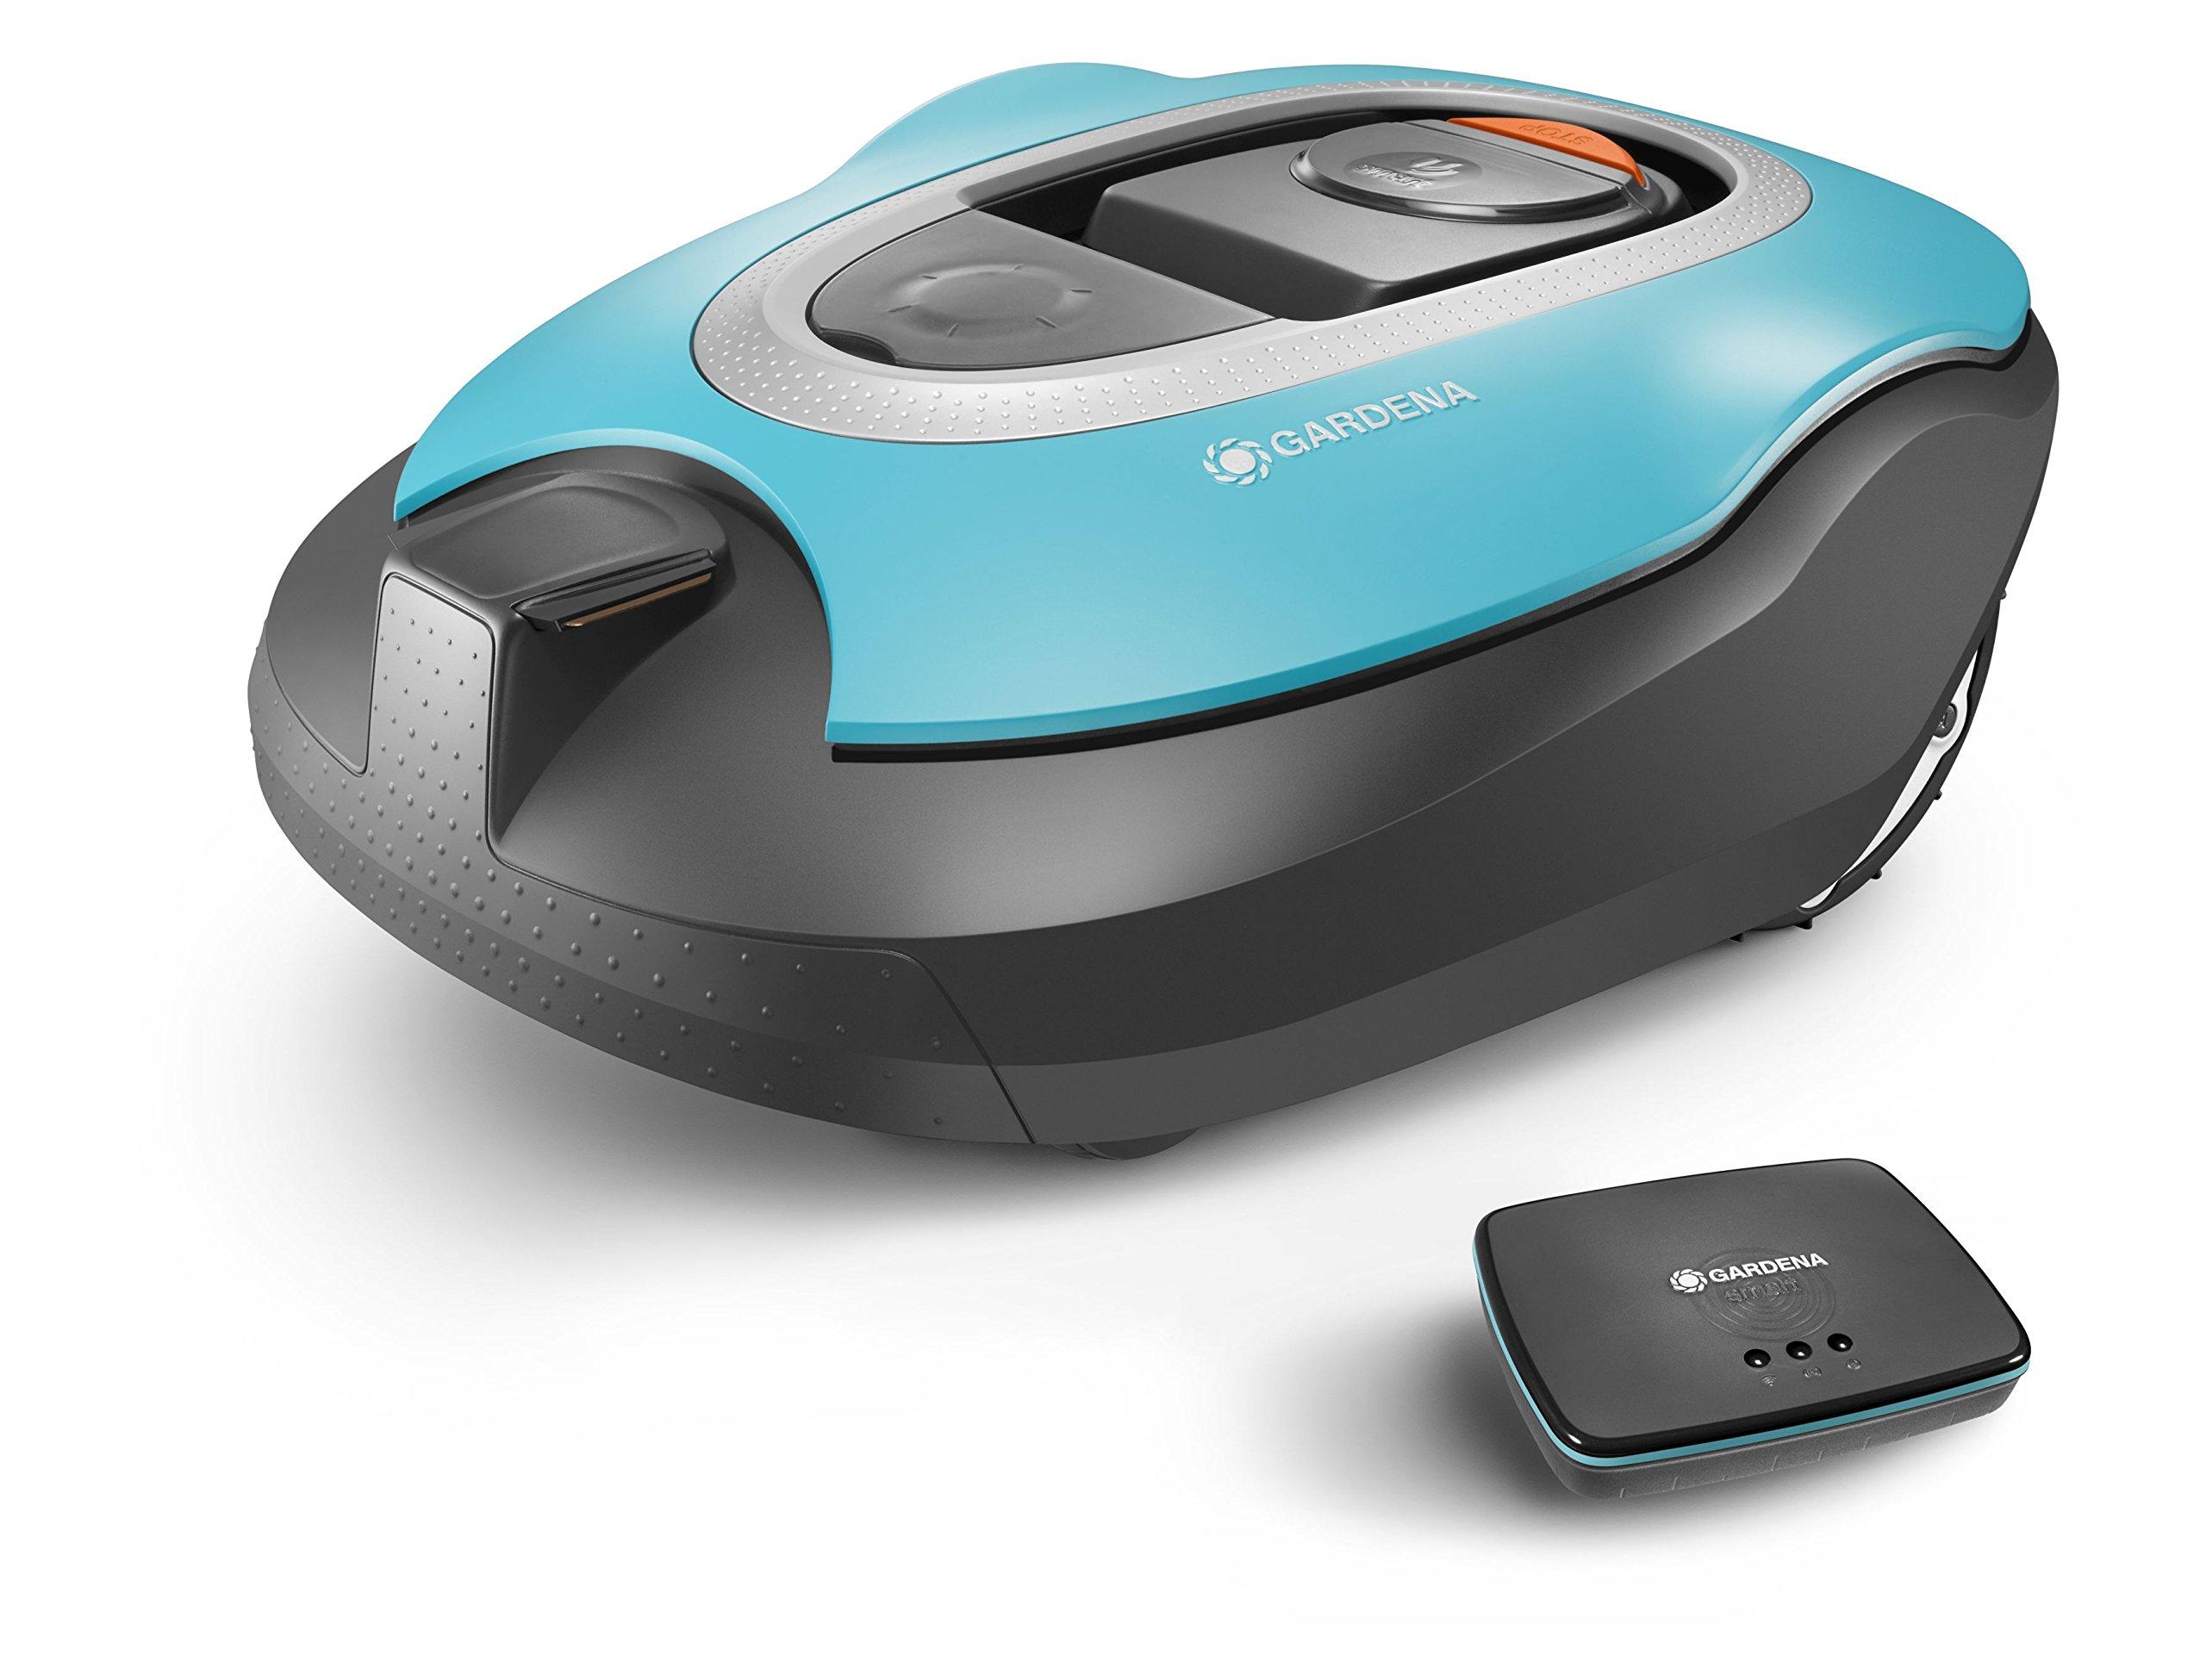 GARDENA-smart-SILENO-Set-Mhroboter-mit-Vernetzung-fr-Rasenflchen-bis-1000-qm-steuerbar-per-SmartPhone-und-App-Steigungen-bis-zu-35-geruscharm-mit-60-dBA-inkl-smart-Gateway-19060-60